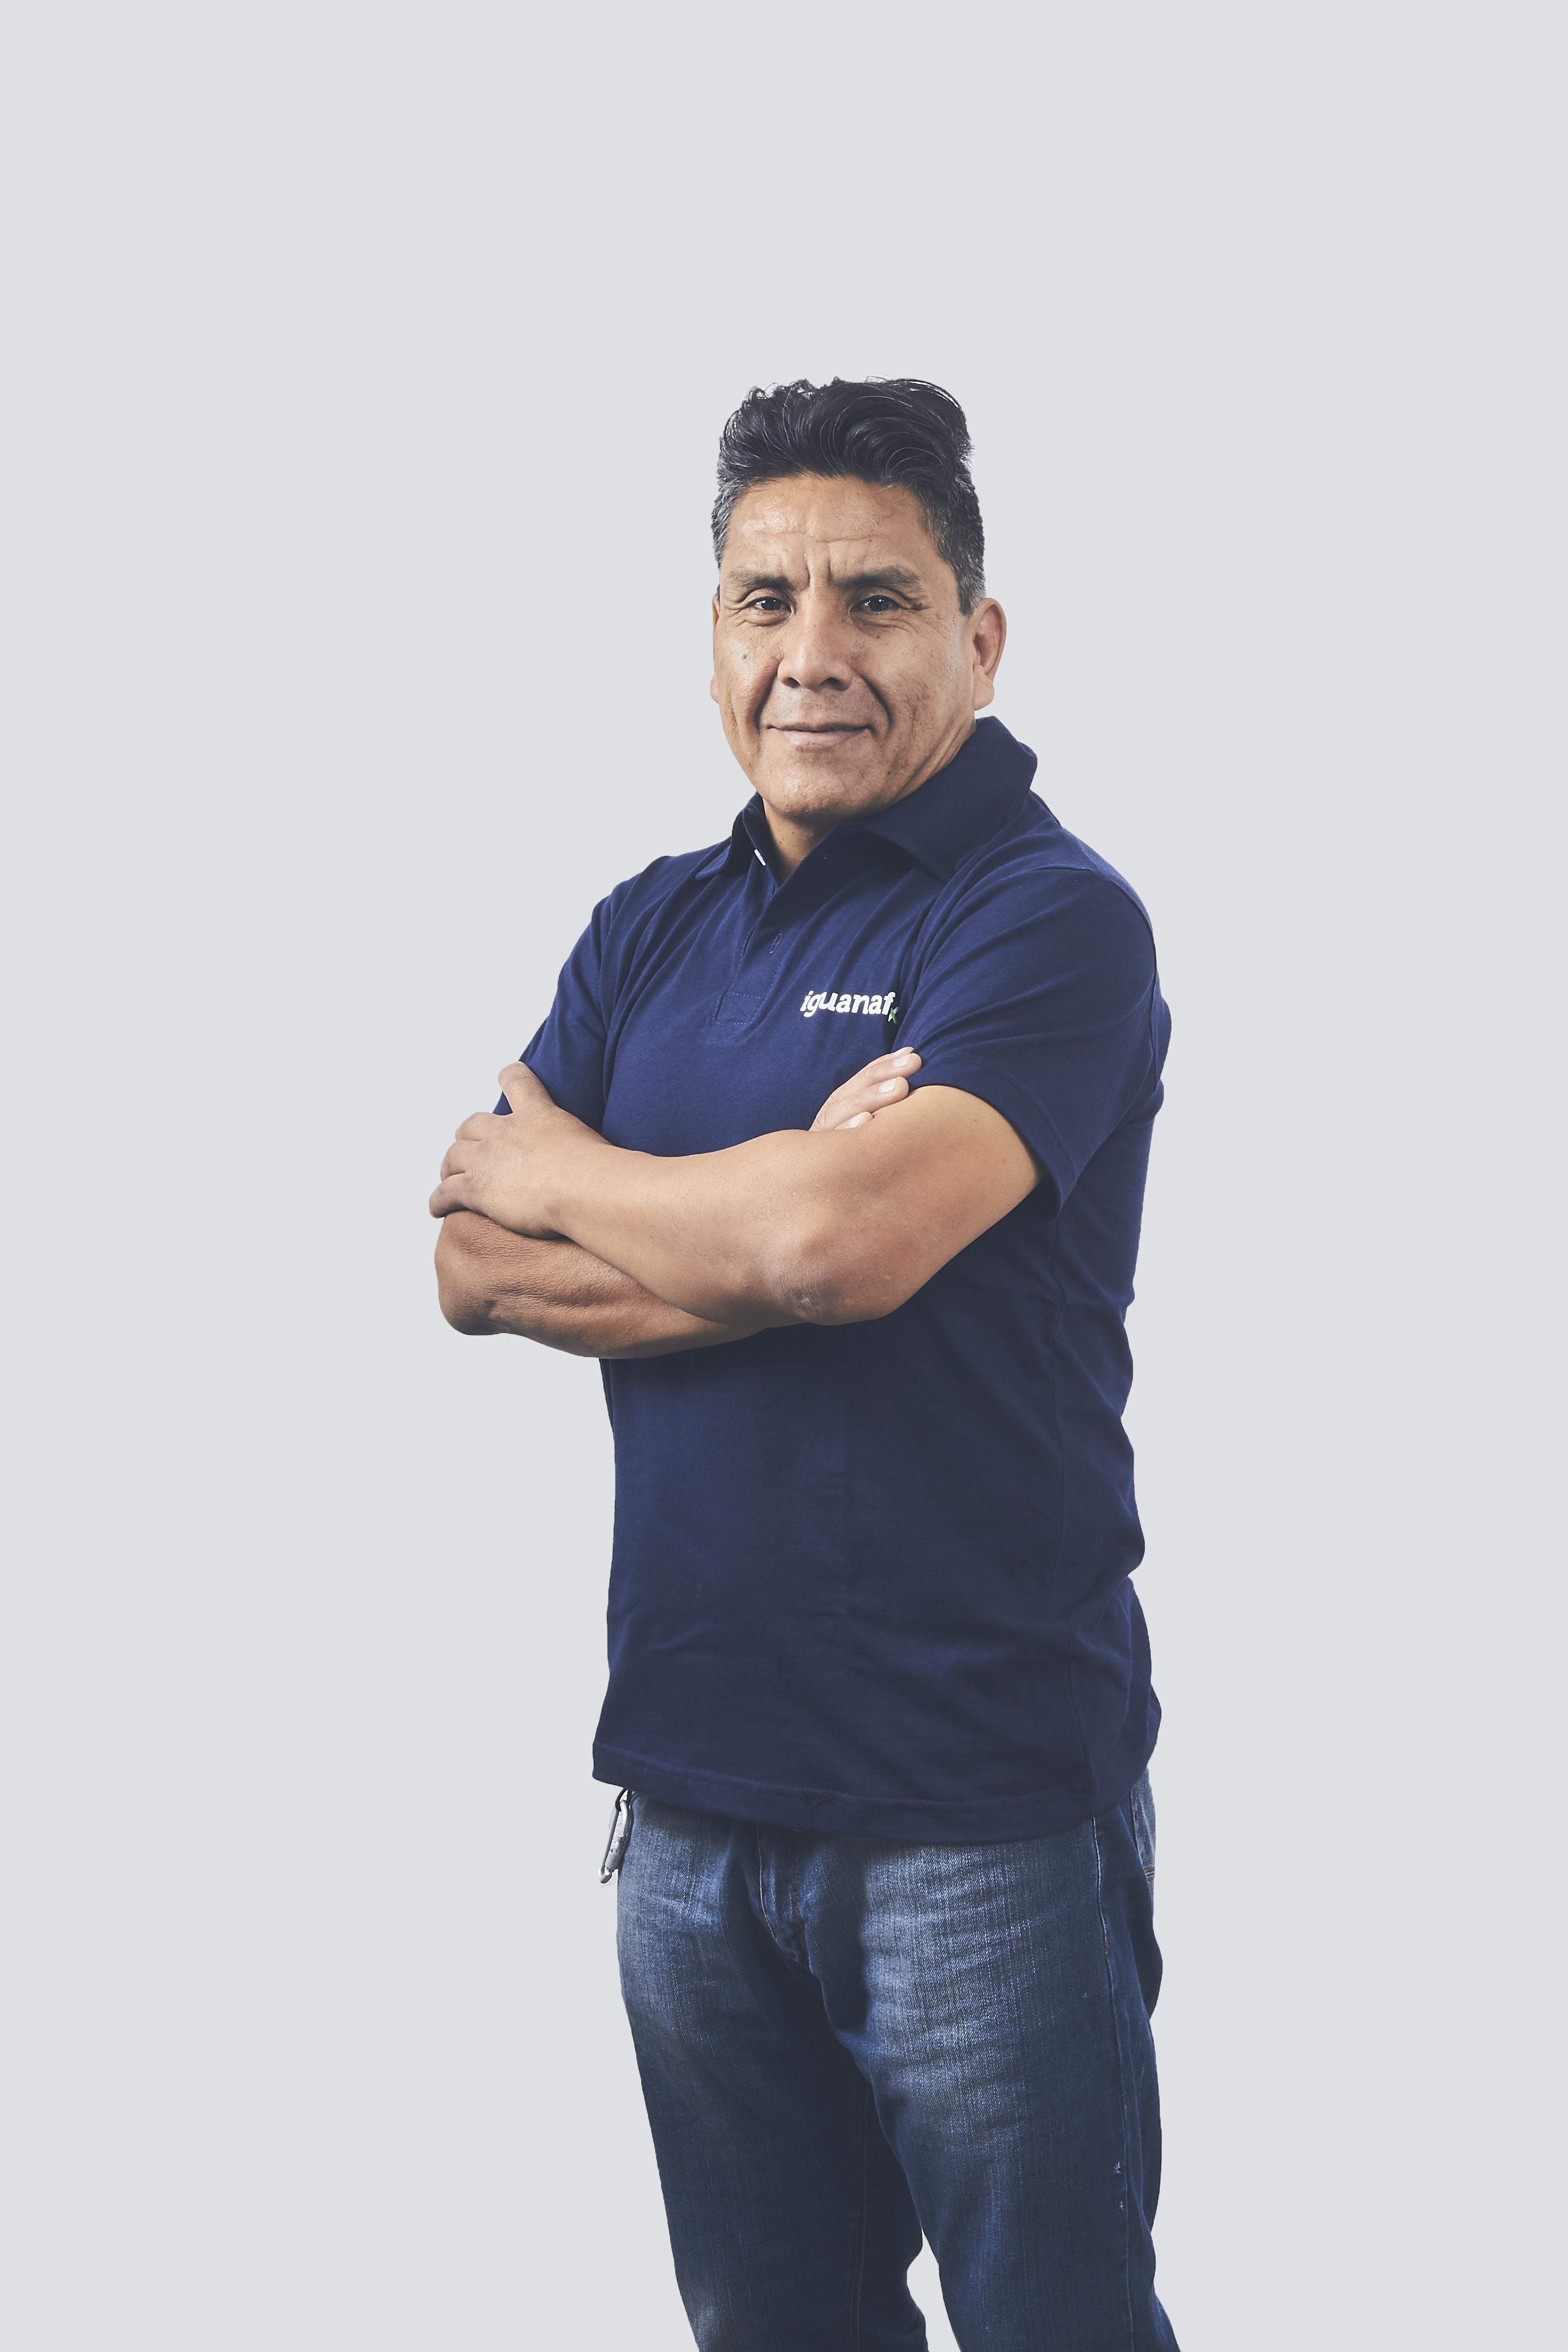 Willy vidaurre pintor plomero pisos alba il - Trabajo de pintor en barcelona ...